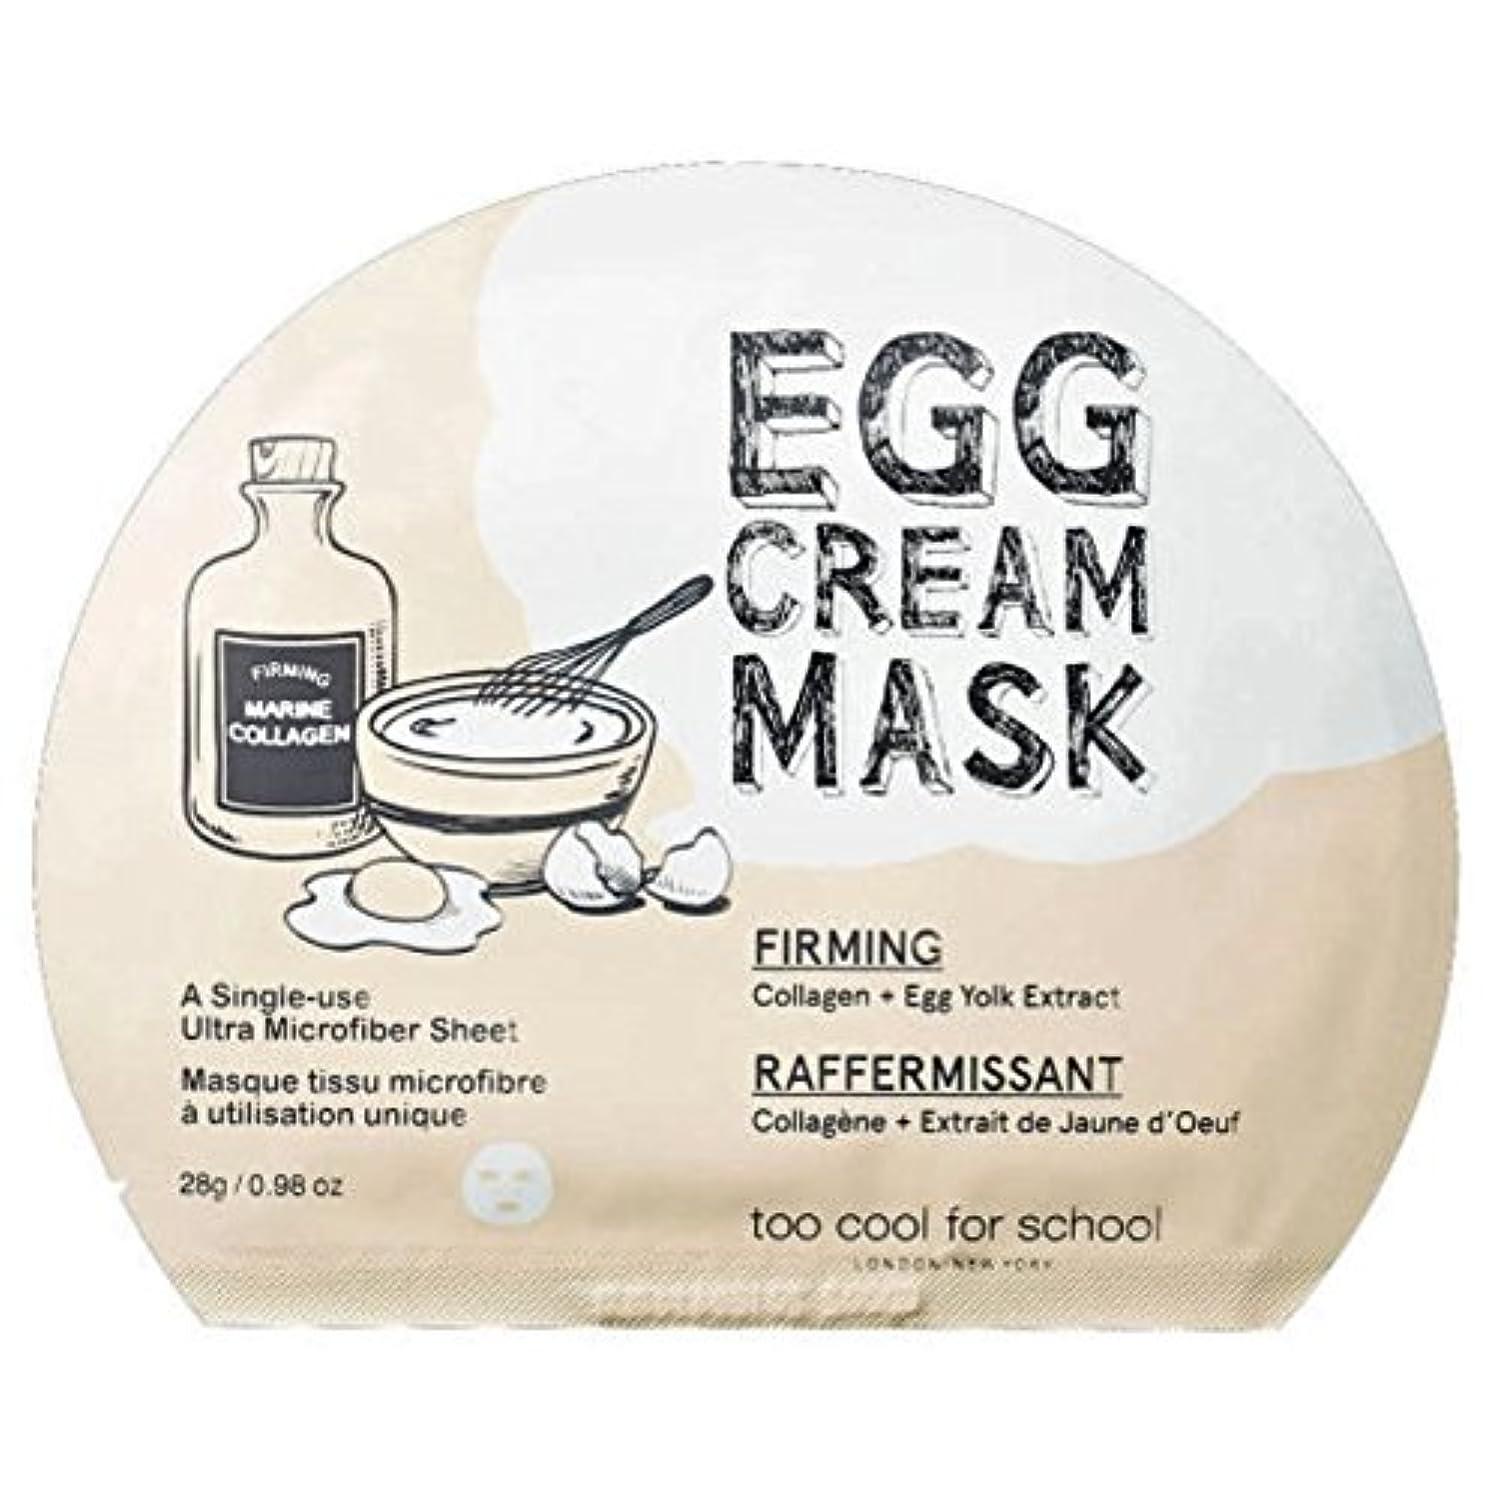 エンドウ船外委員長[New] too cool for school Egg Cream Mask (Firming) 28g × 5ea/トゥークール フォースクール エッグ クリーム マスク (ファーミング) 28g × 5枚